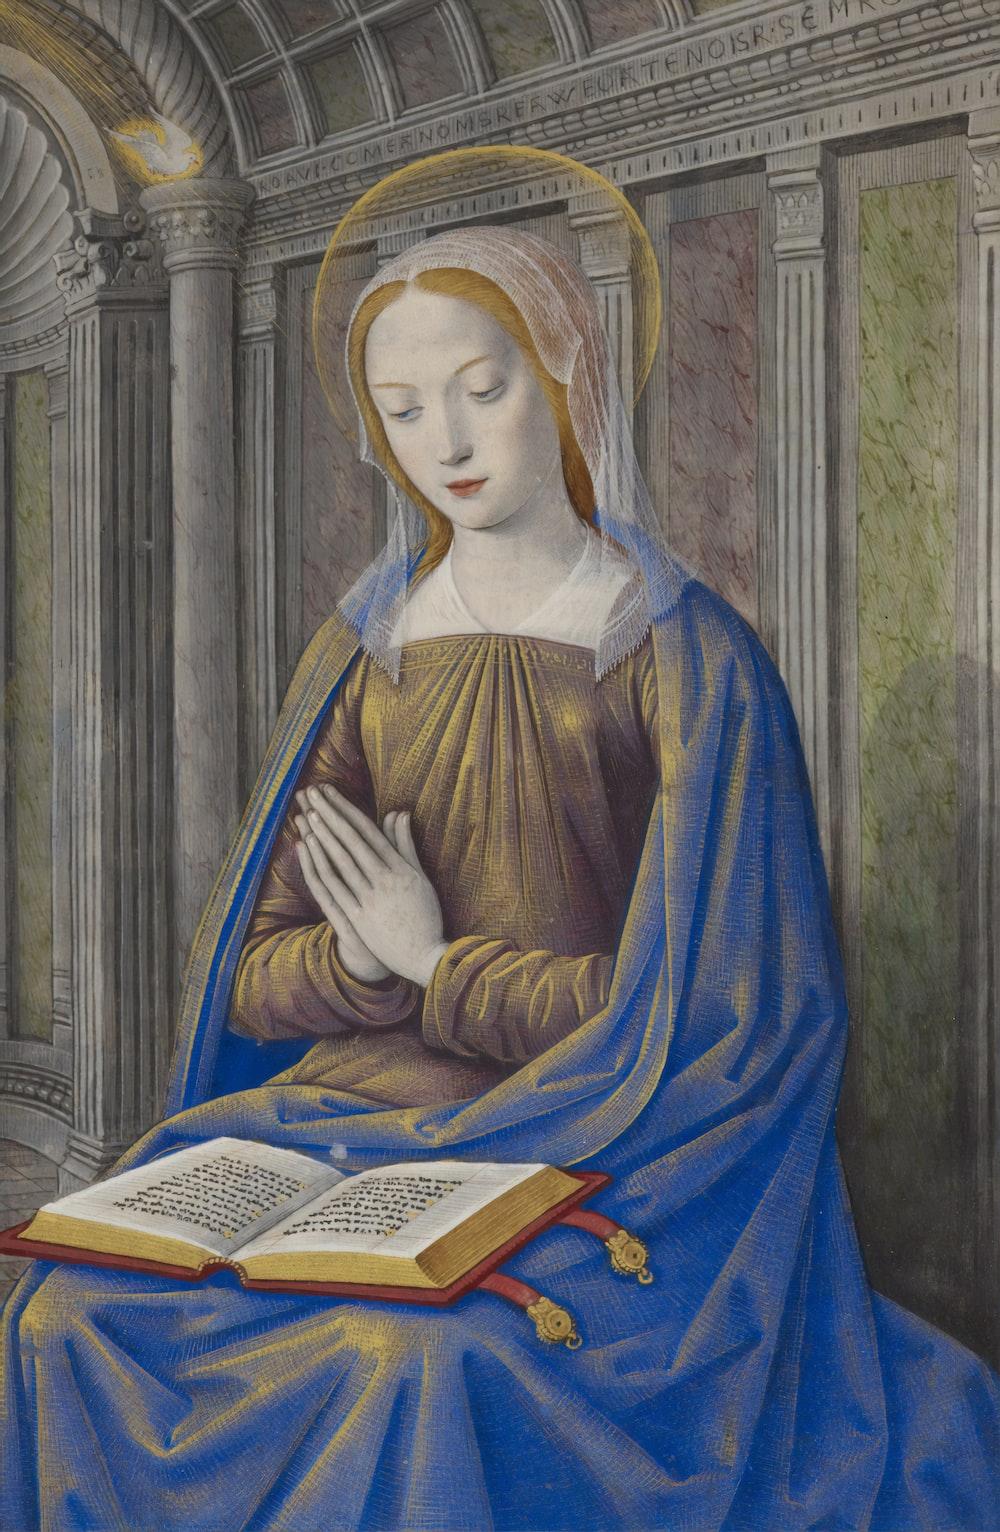 painting of woman praying